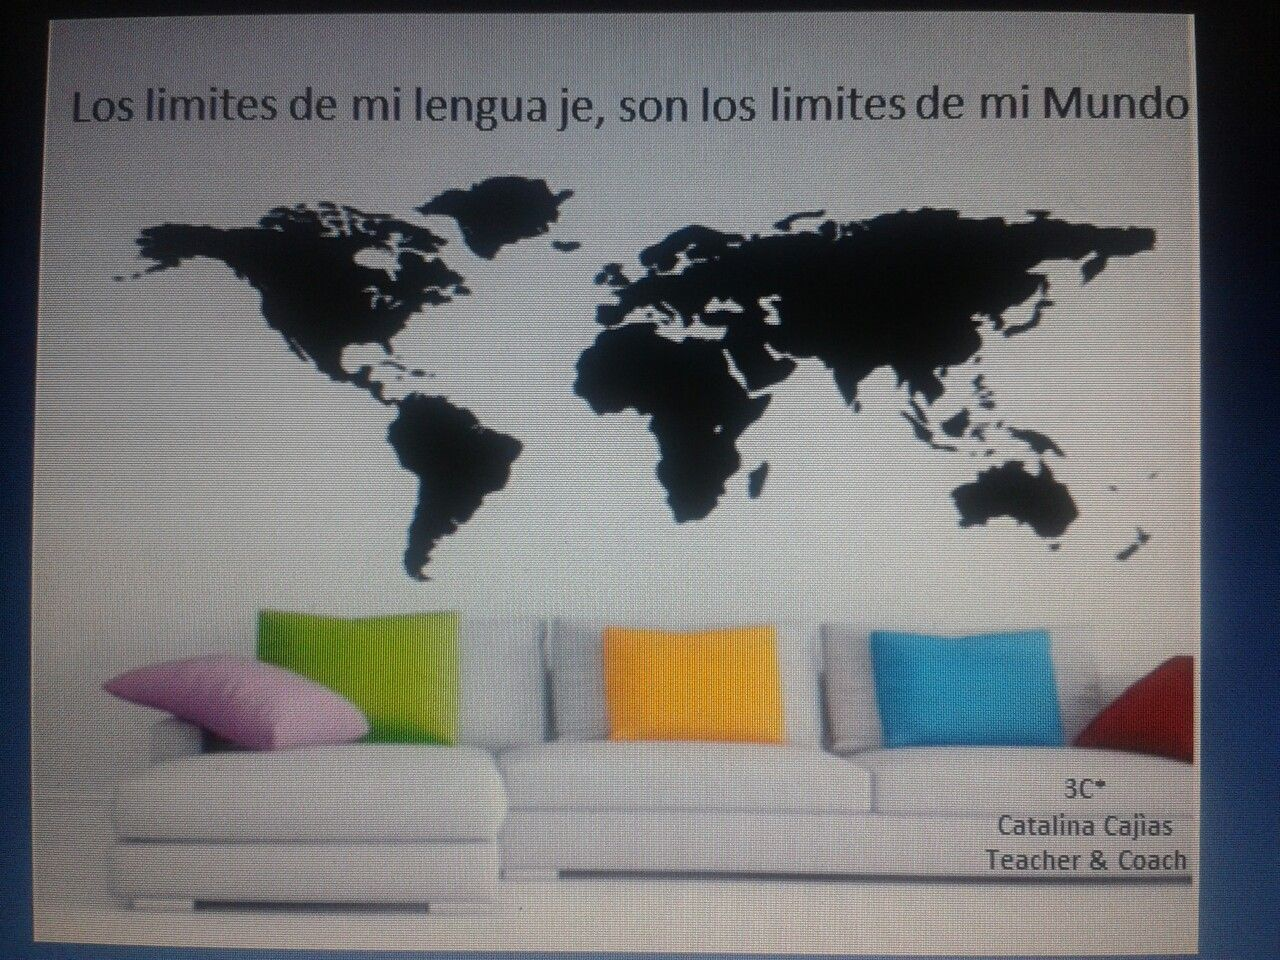 Los limites de mi lengua ..son los limites de mi mundo*